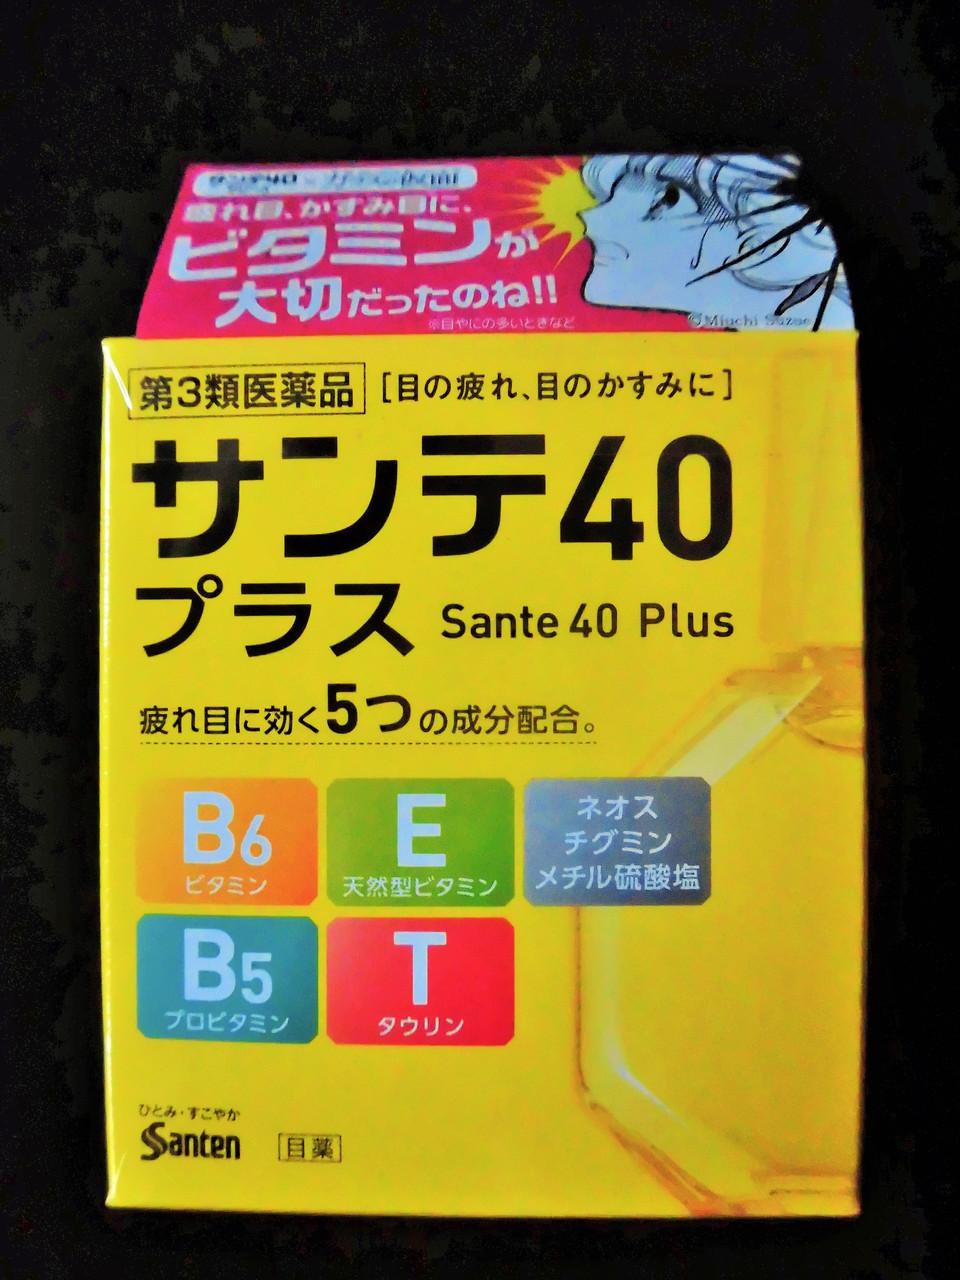 Японские глазные капли Sante 40 Plus Возрастные, витаминизированные.